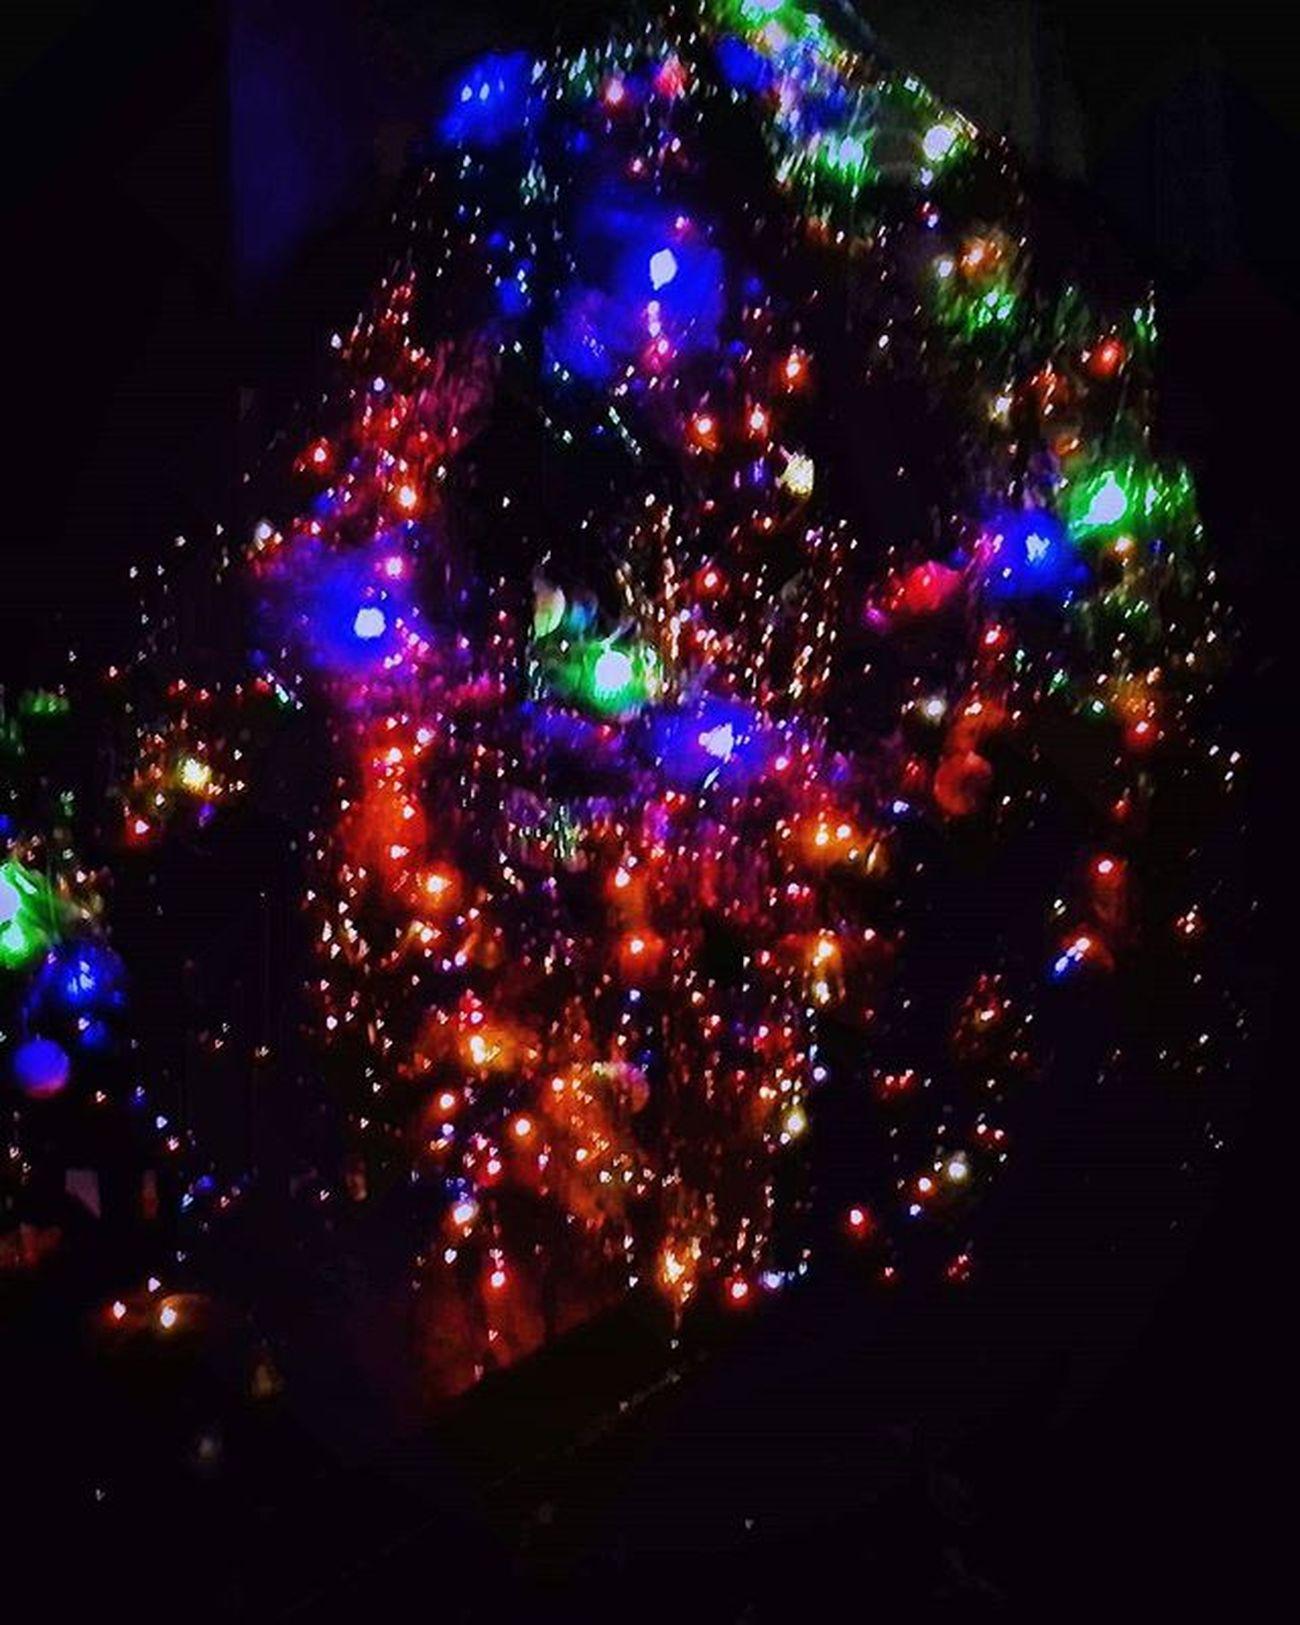 Вот такая моя новогодняя ёлка:) новогодняя_елка новогодняя_игрушка новый_год2016 новый_год праздник гирлянды New_year Christmas_tree Holiday_toy Winter Holiday